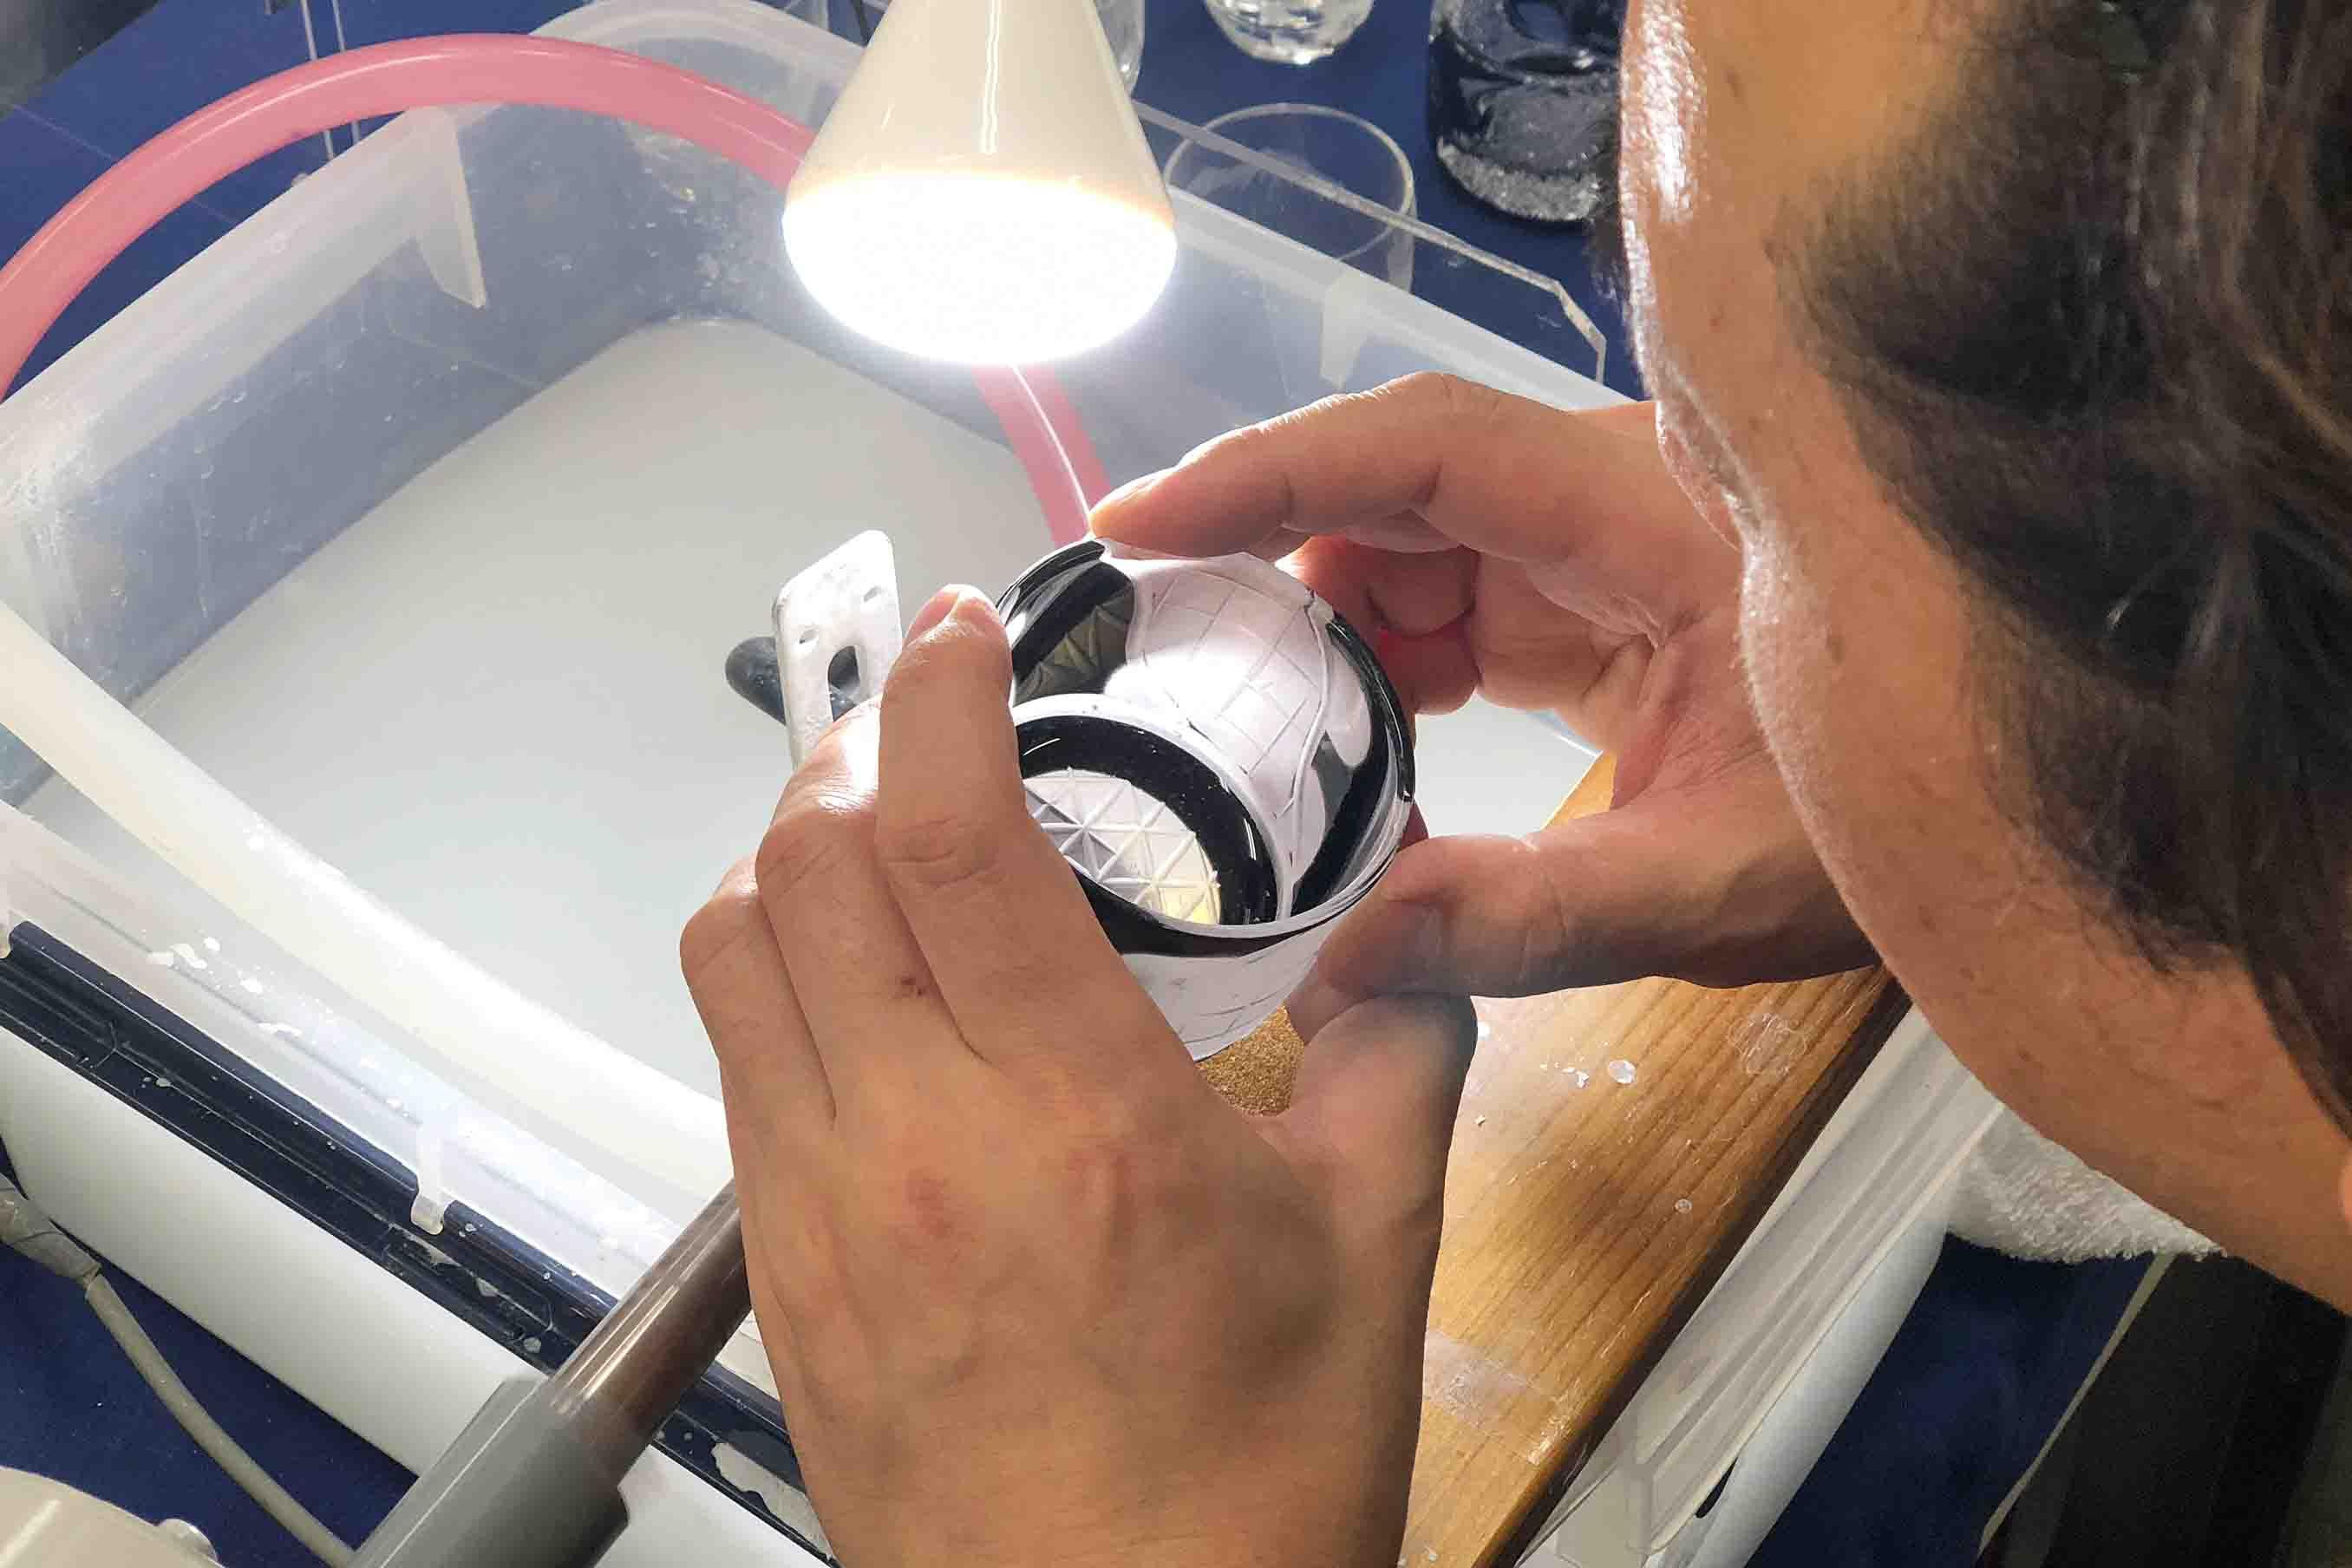 ガラスの内側から覗き込んで、削ります。そのため、花瓶やタンブラーなど細長いものは難易度が高いのだとか